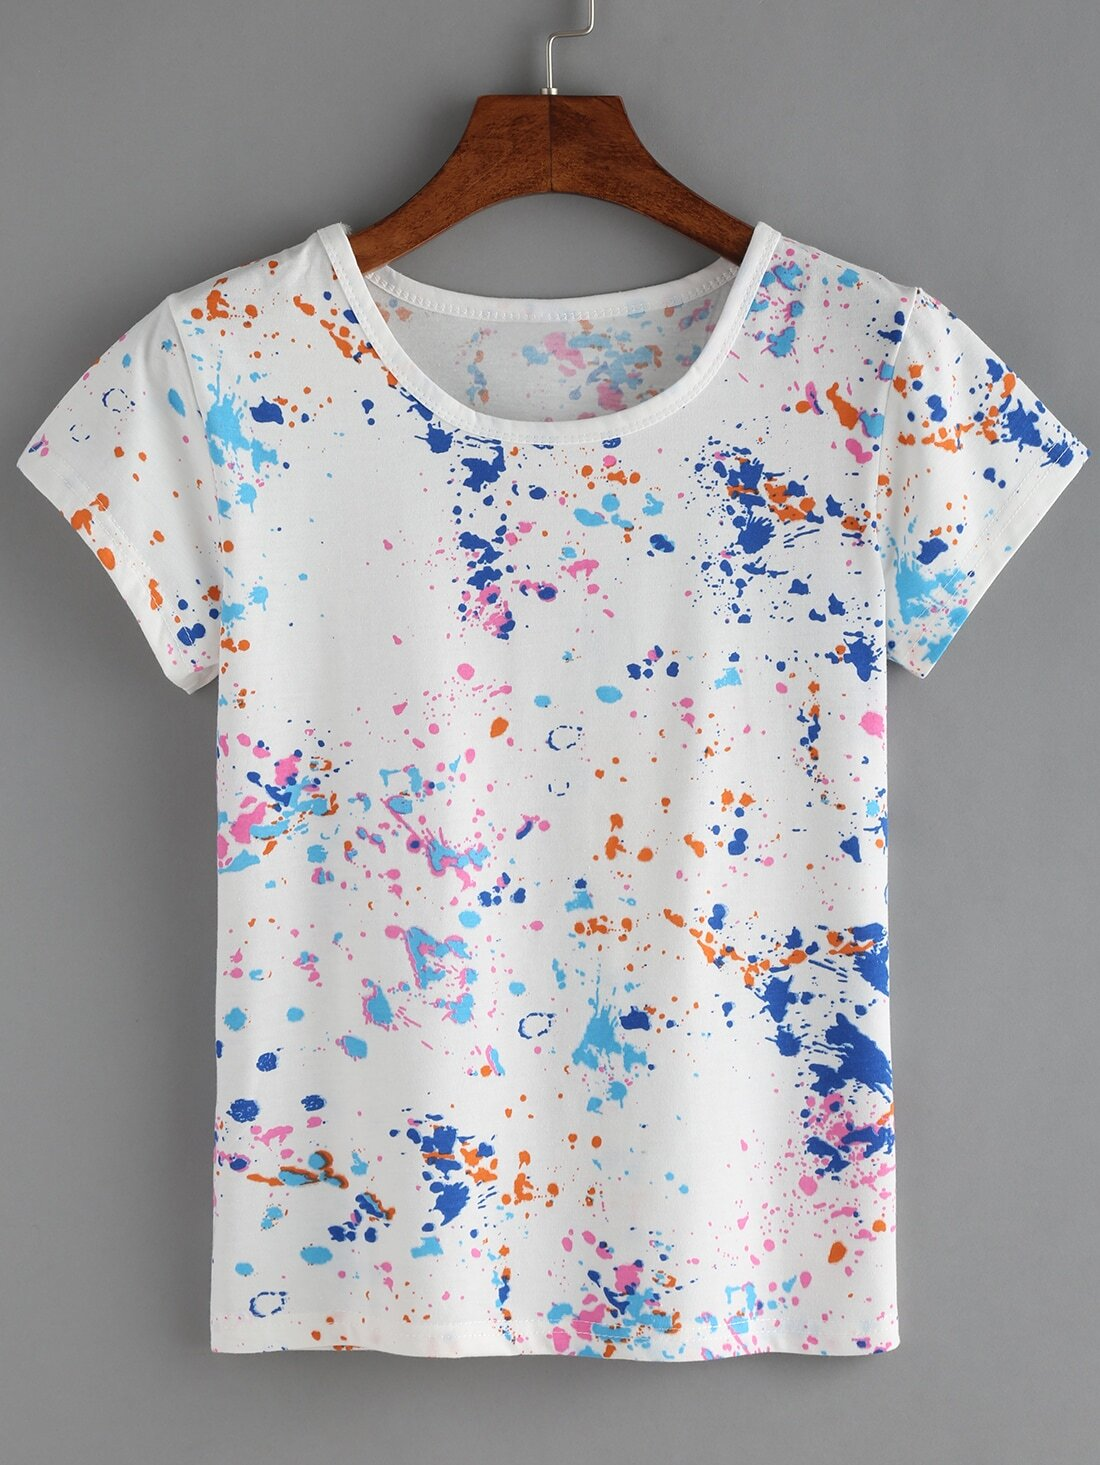 a1d1ee9d42 Colorful Paint Splash T-shirt EmmaCloth-Women Fast Fashion Online